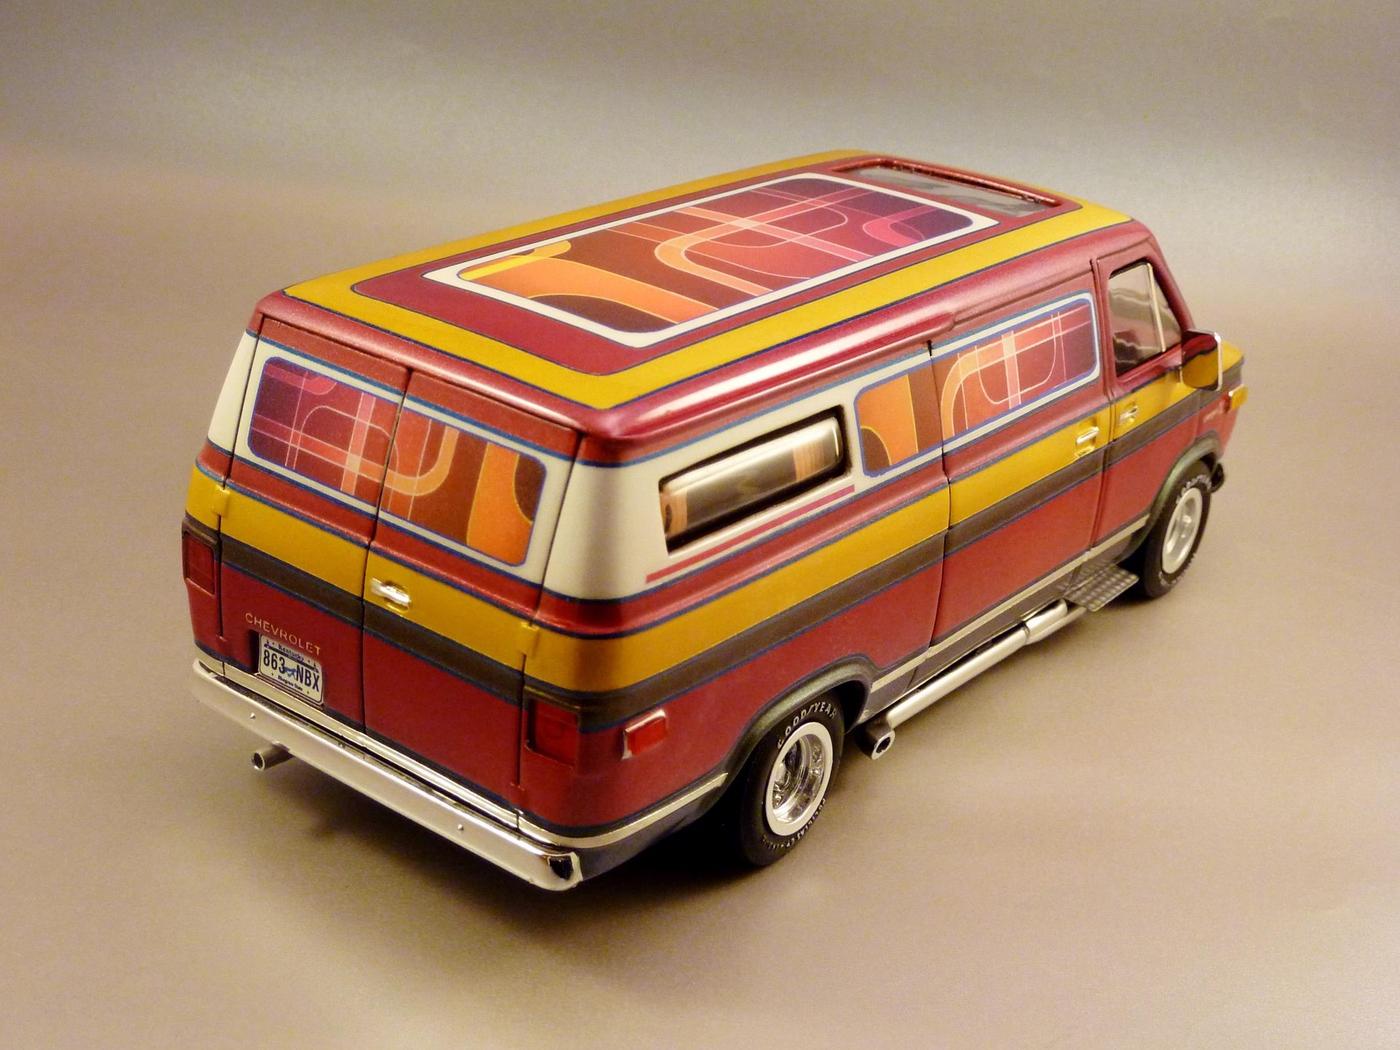 Van Chevy 75 (Vantasy) terminé - Page 5 Photo5-vi